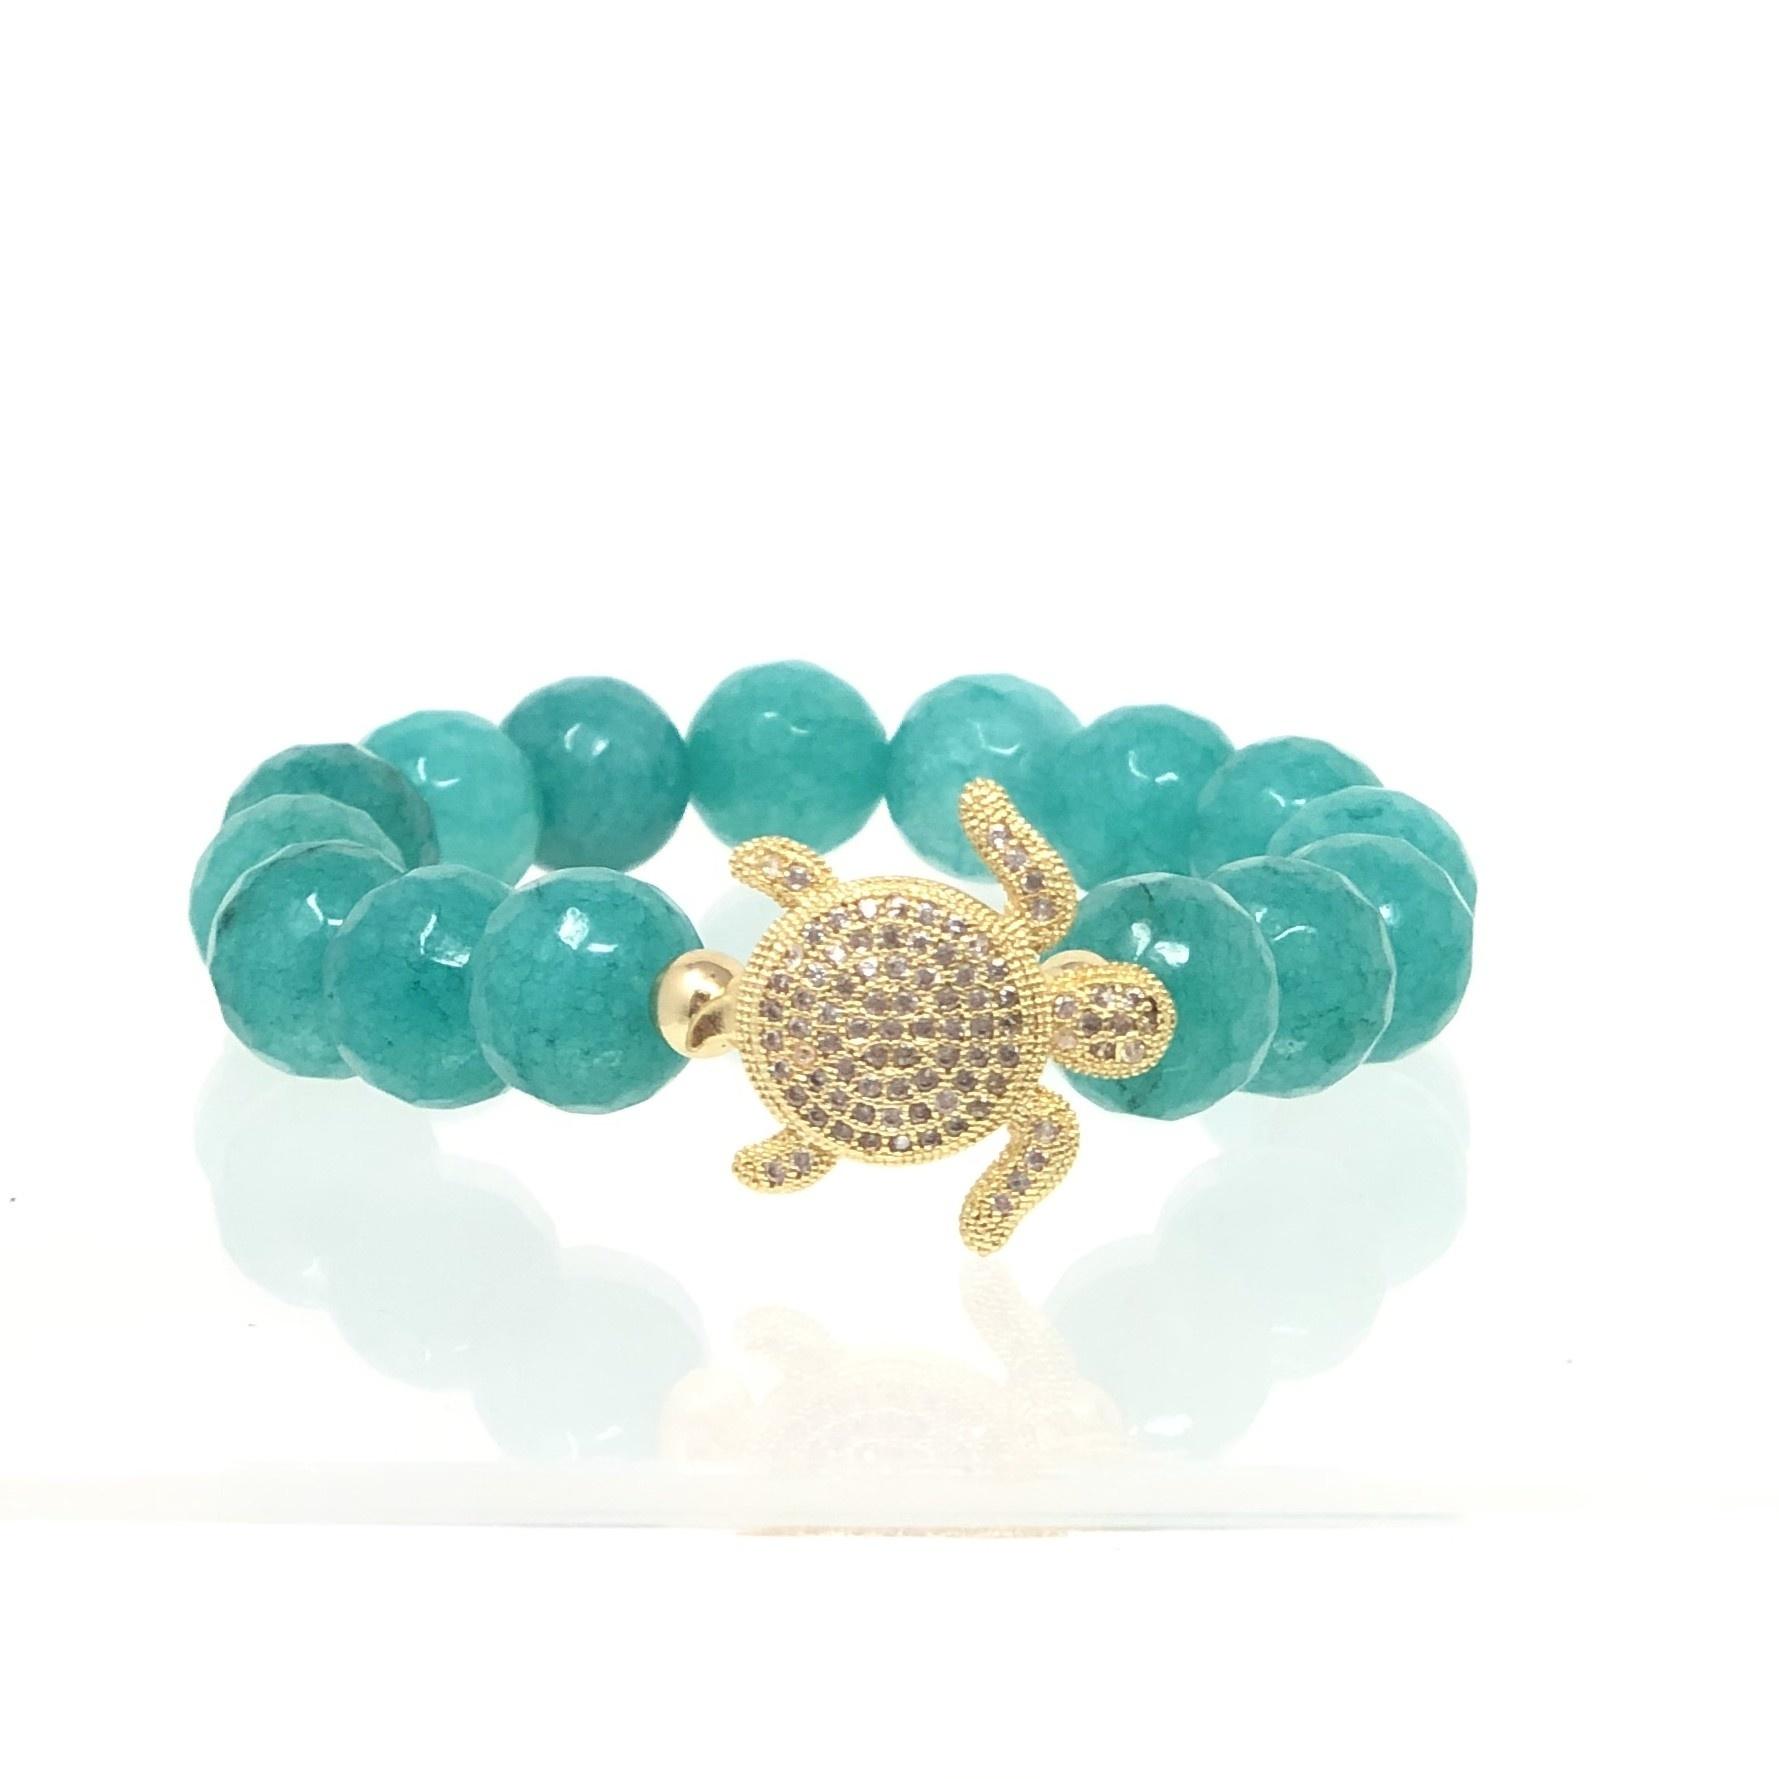 Gold CZ Turtle & Teal Agate Bracelet